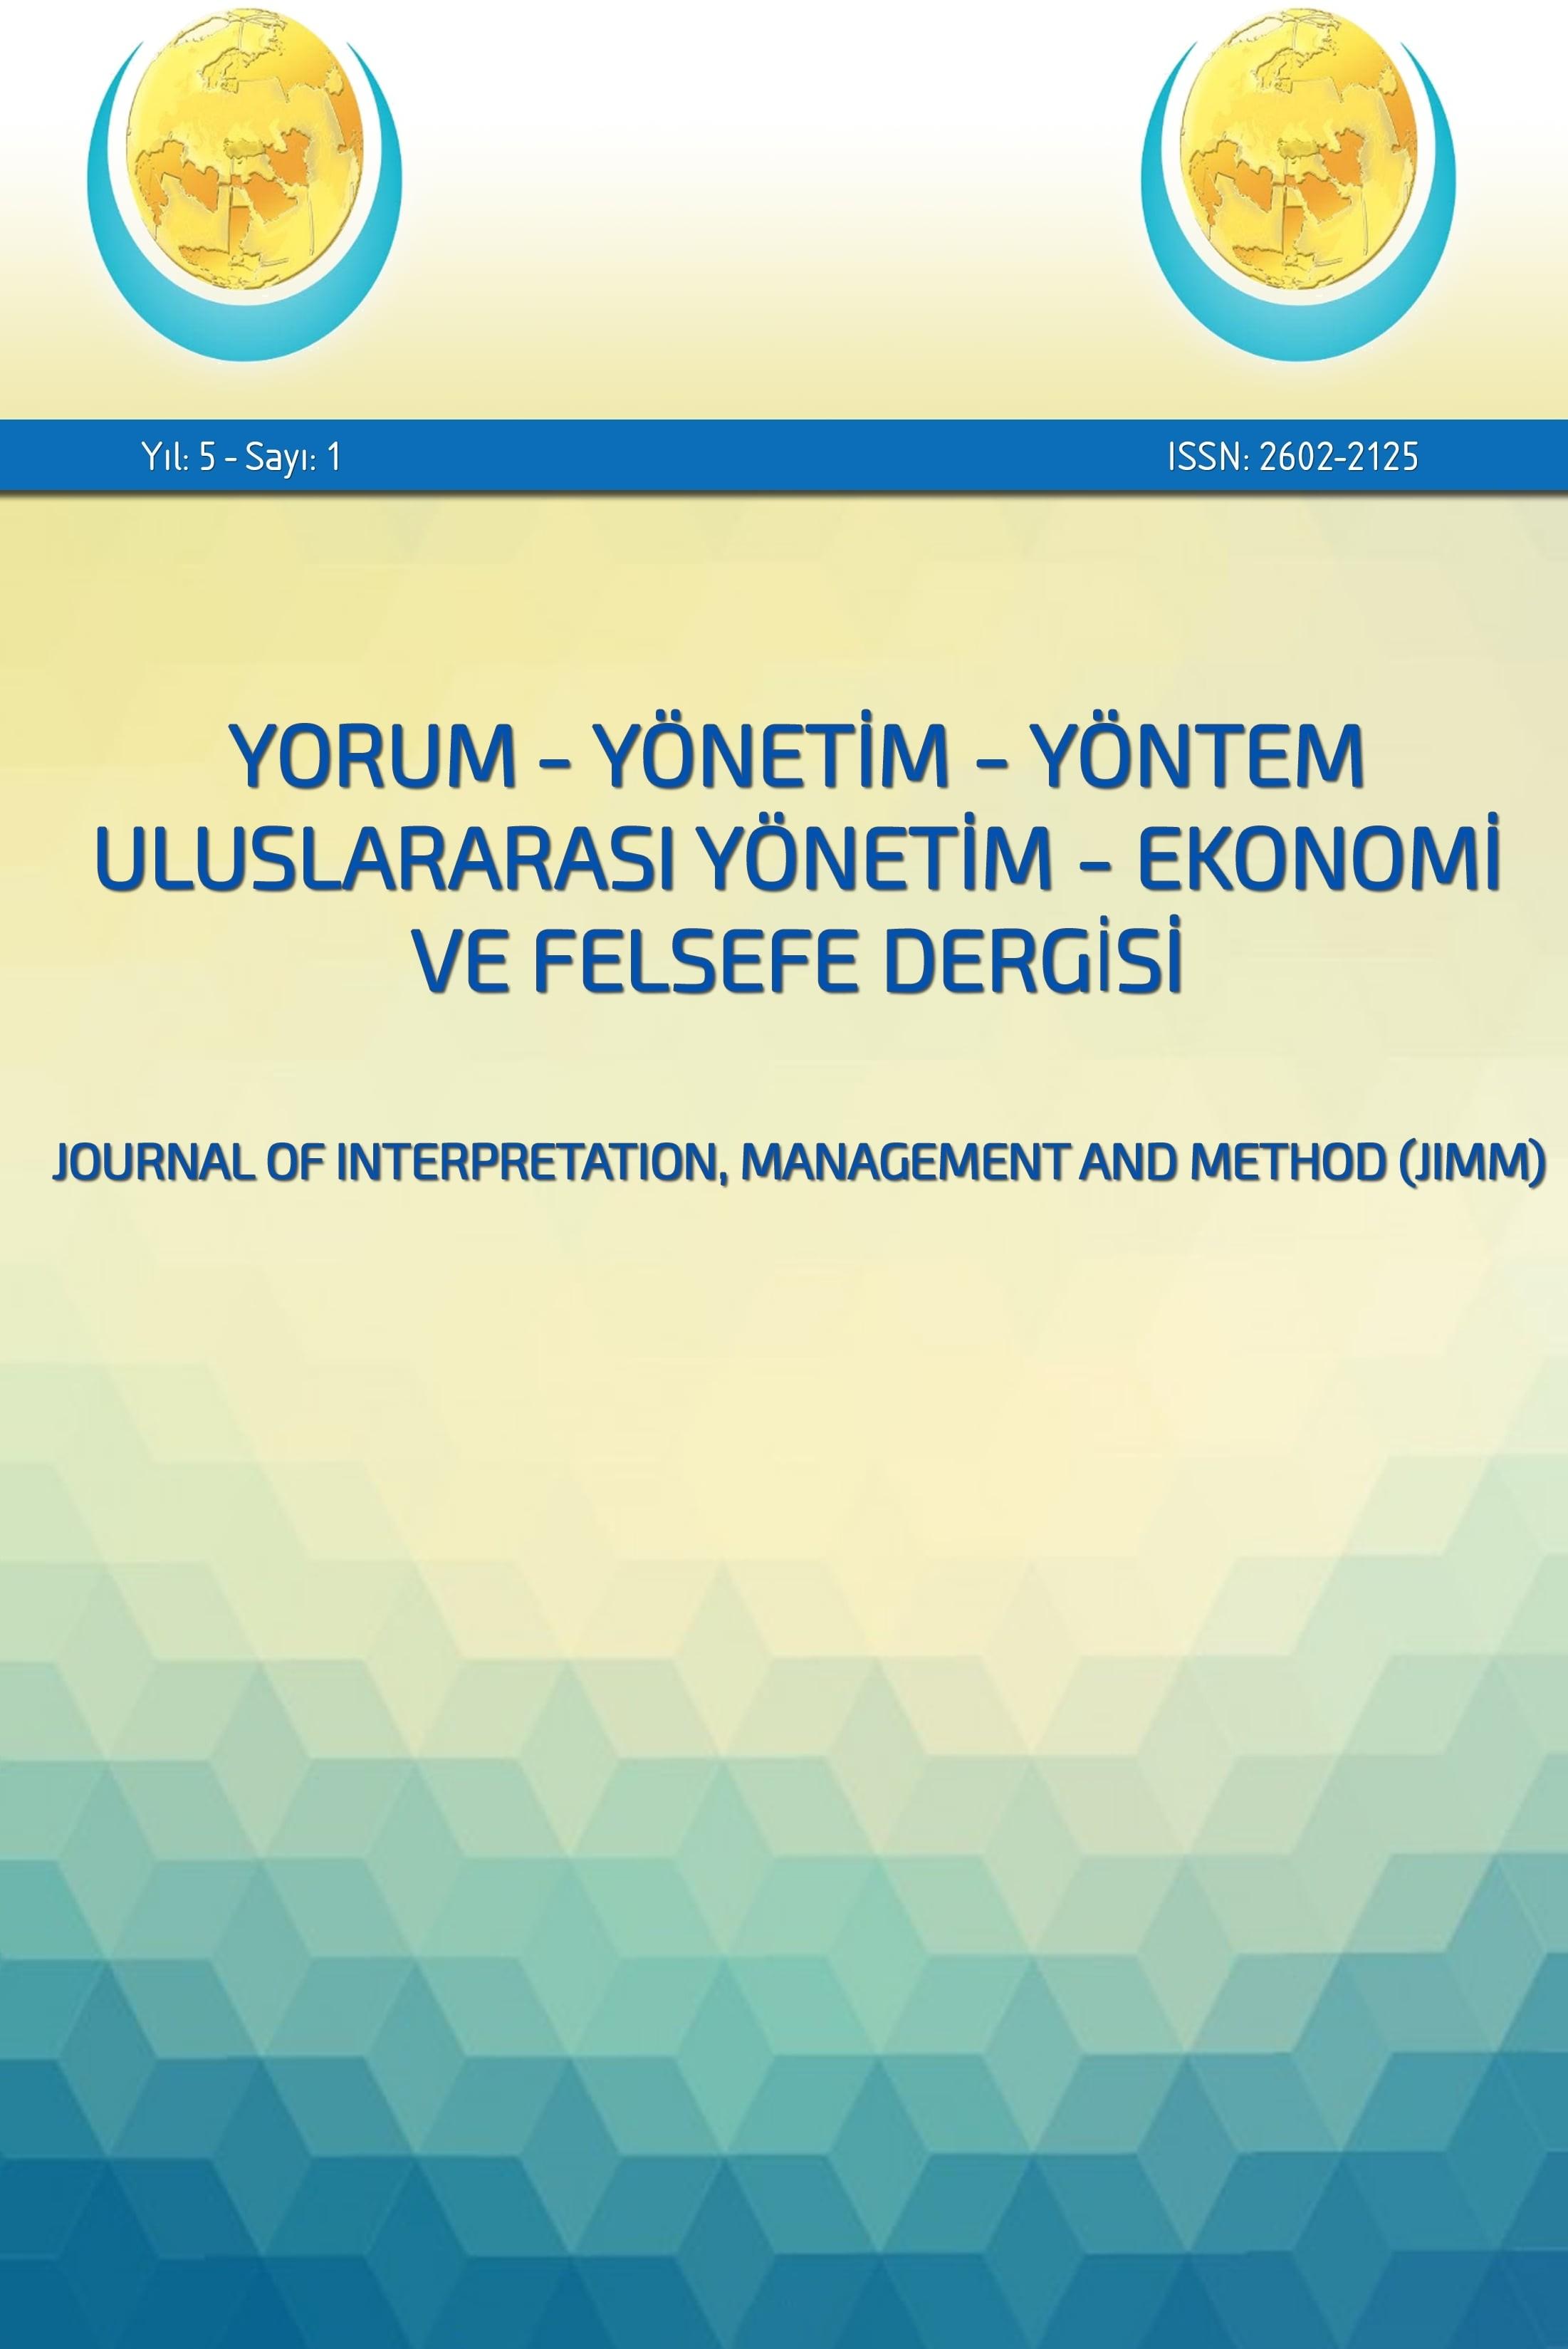 Yorum-Yönetim-Yöntem Uluslararası Yönetim-Ekonomi ve Felsefe Dergisi